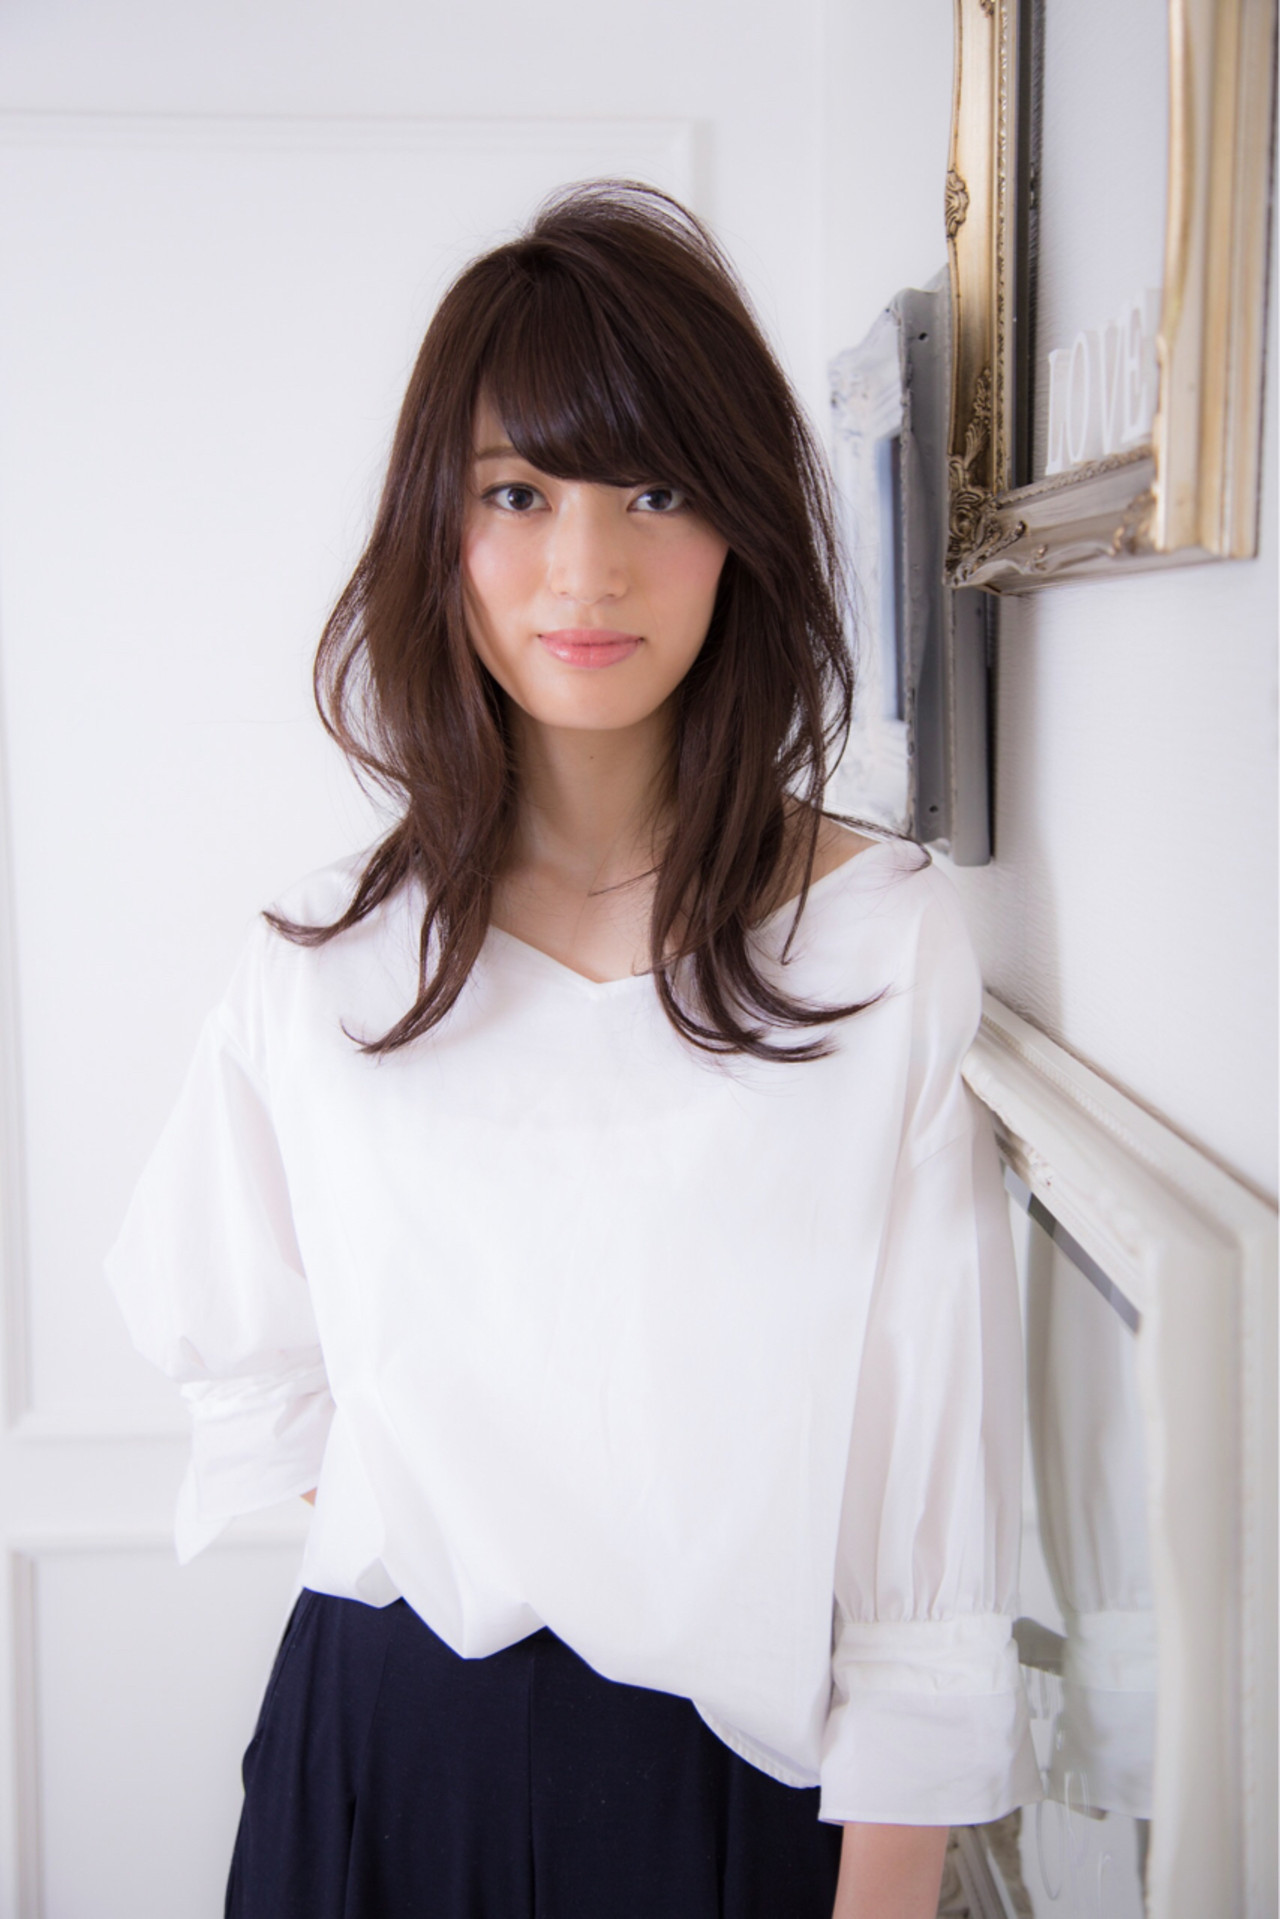 セミロング ミディアム 暗髪 ストリート ヘアスタイルや髪型の写真・画像